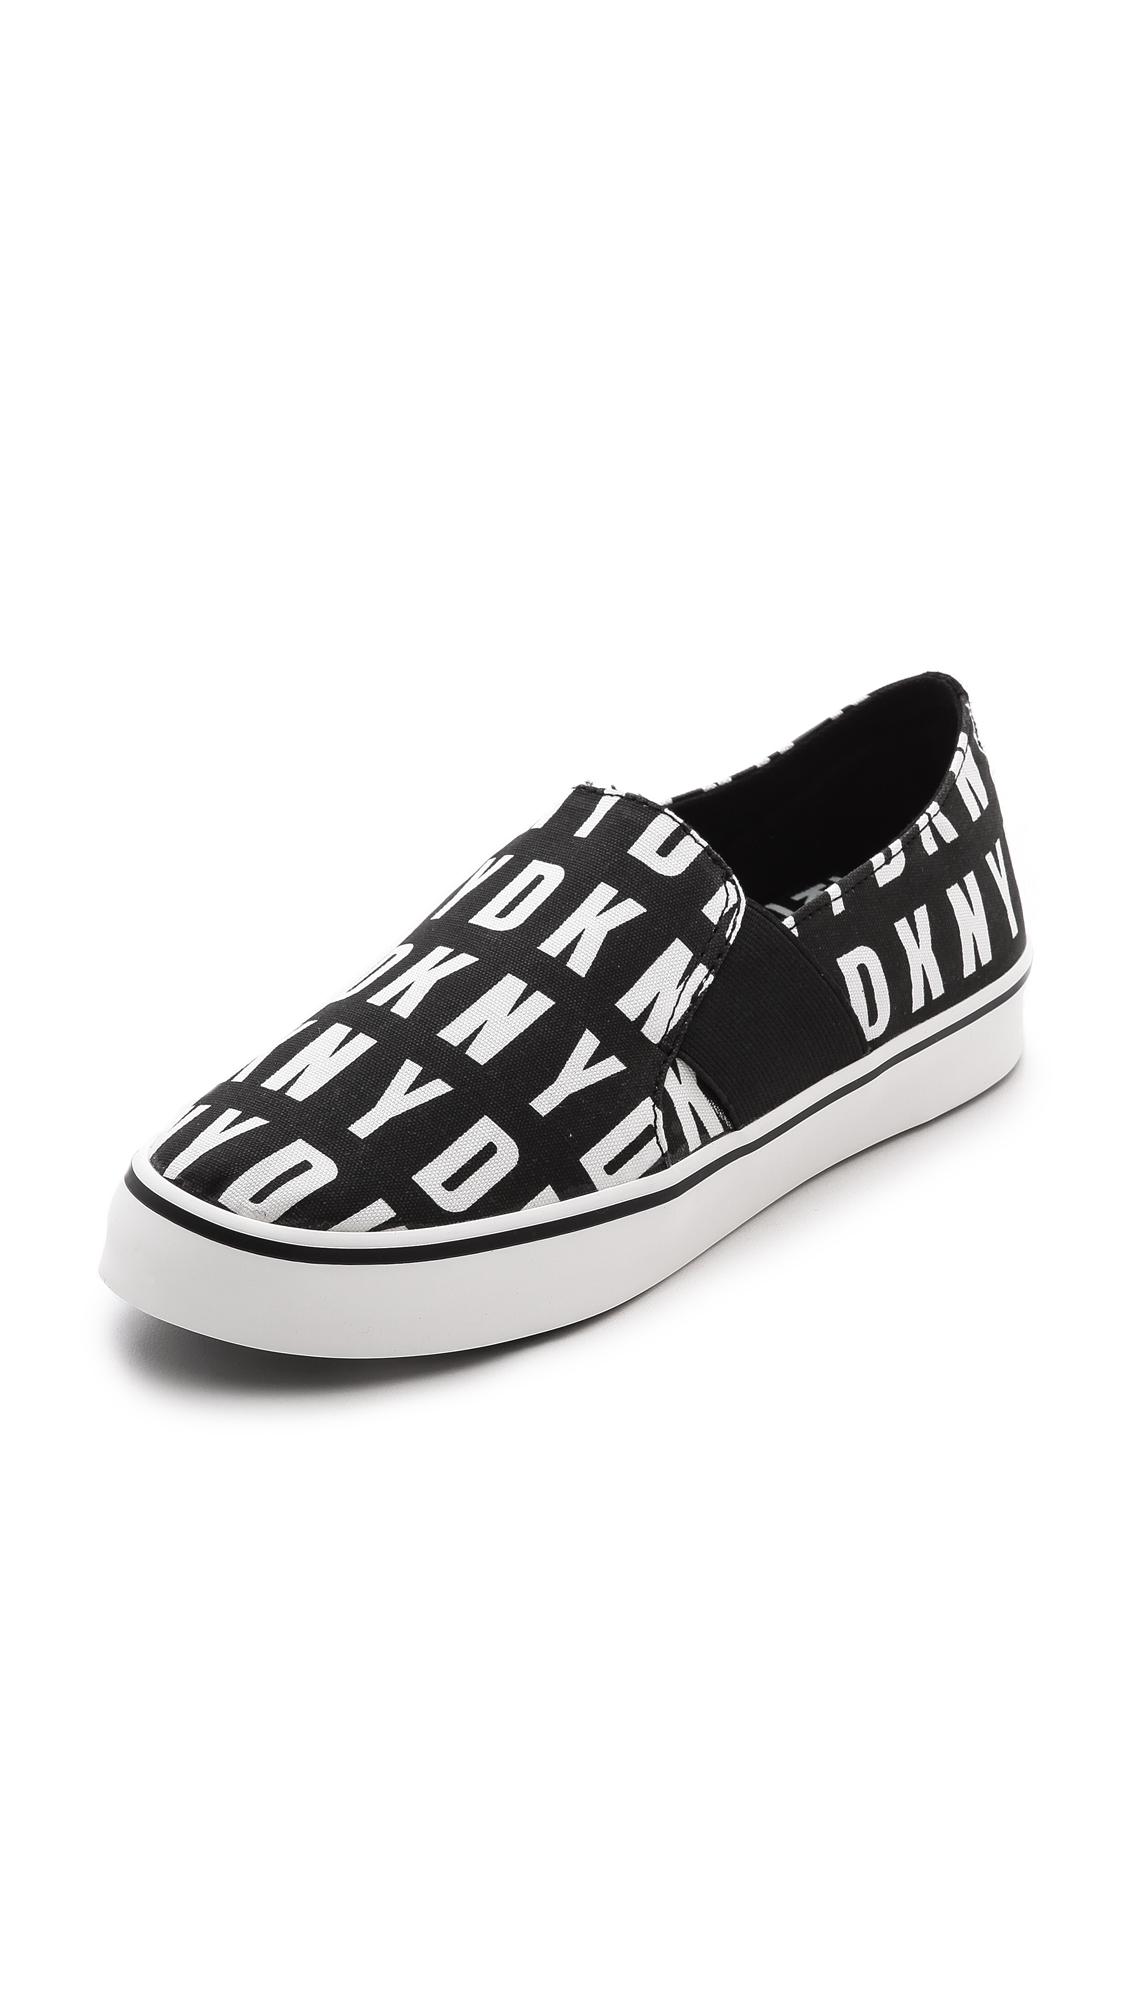 lyst dkny barrow slip on sneakers in black